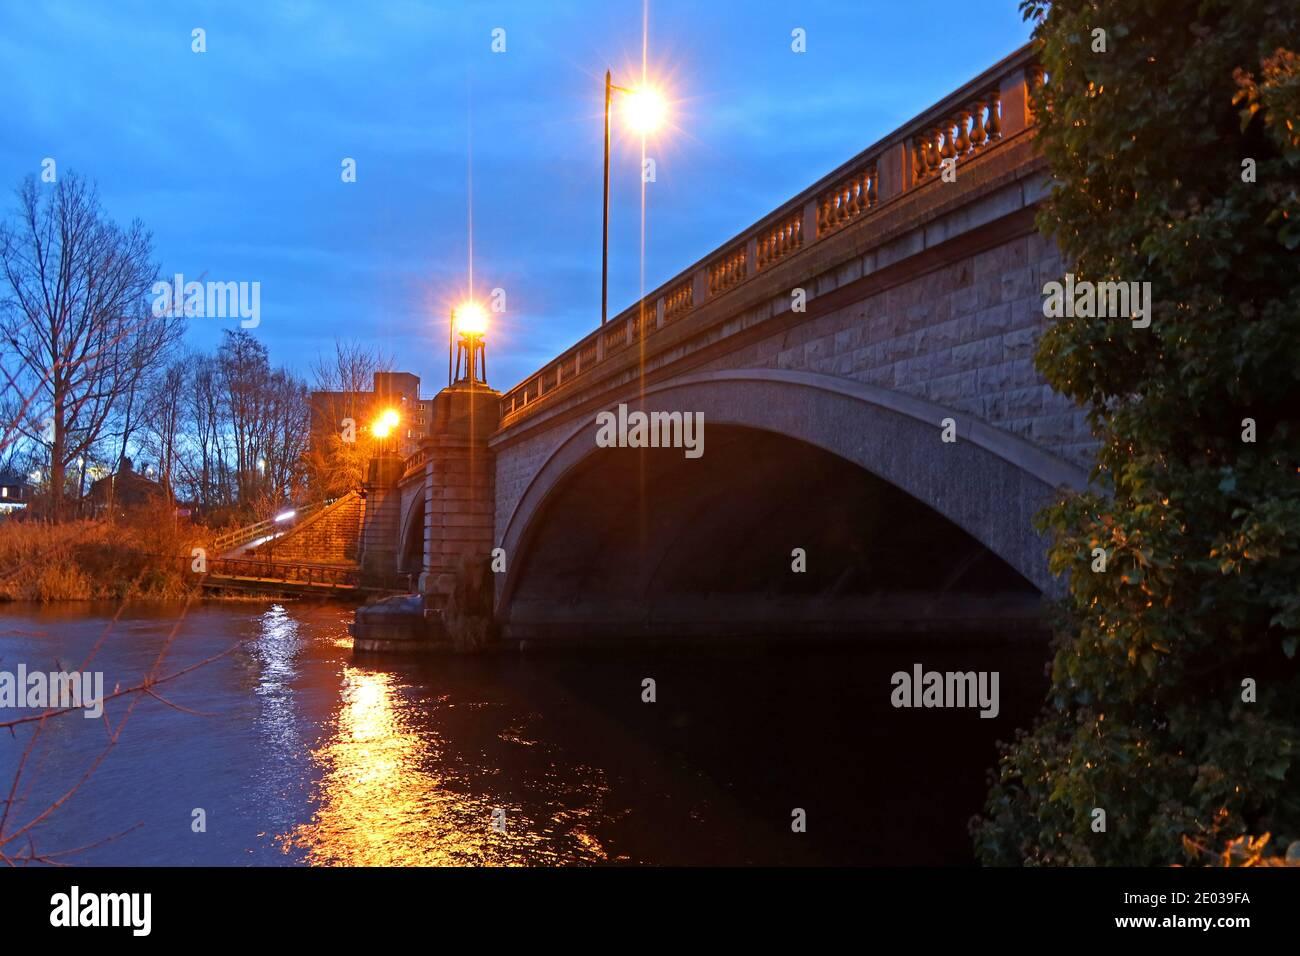 Dieses Stockfoto: Kingsway Bridge, Westy, Überquerung des Mersey River, A50, Warrington, Dämmerung, Nacht, Cheshire, England, Großbritannien - 2E039F